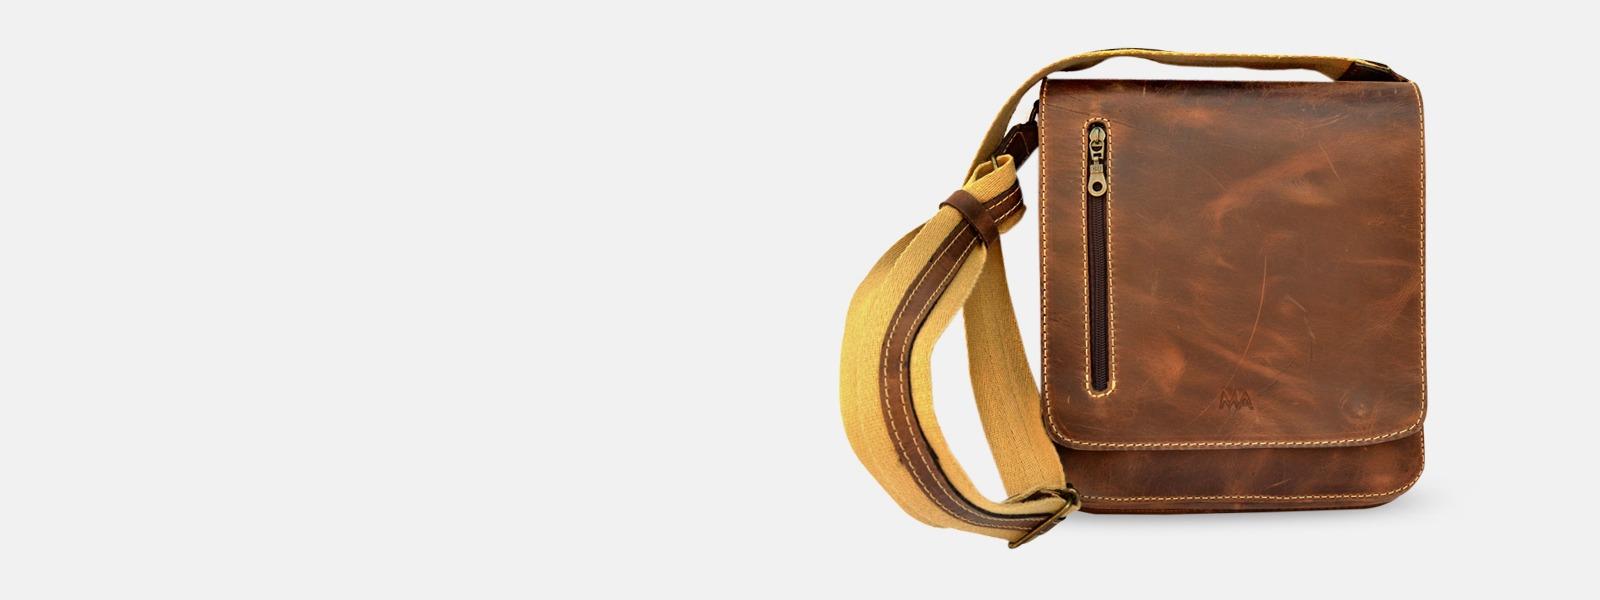 1d9fb8da2 Fábrica artículos de cuero 40 años